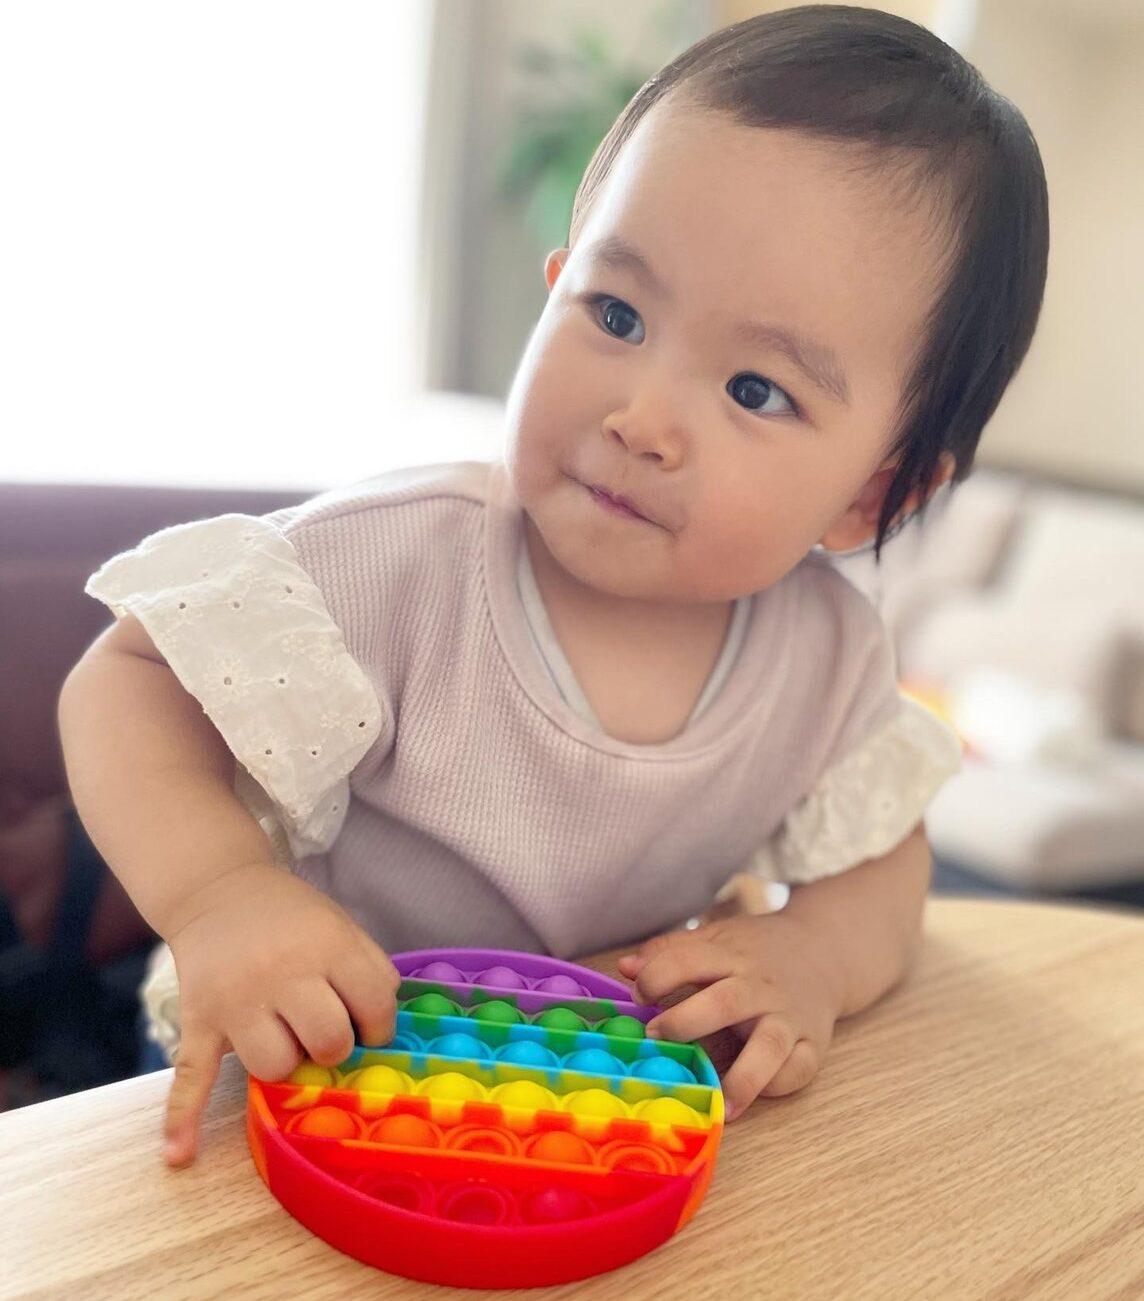 知育玩具で遊ぶ娘